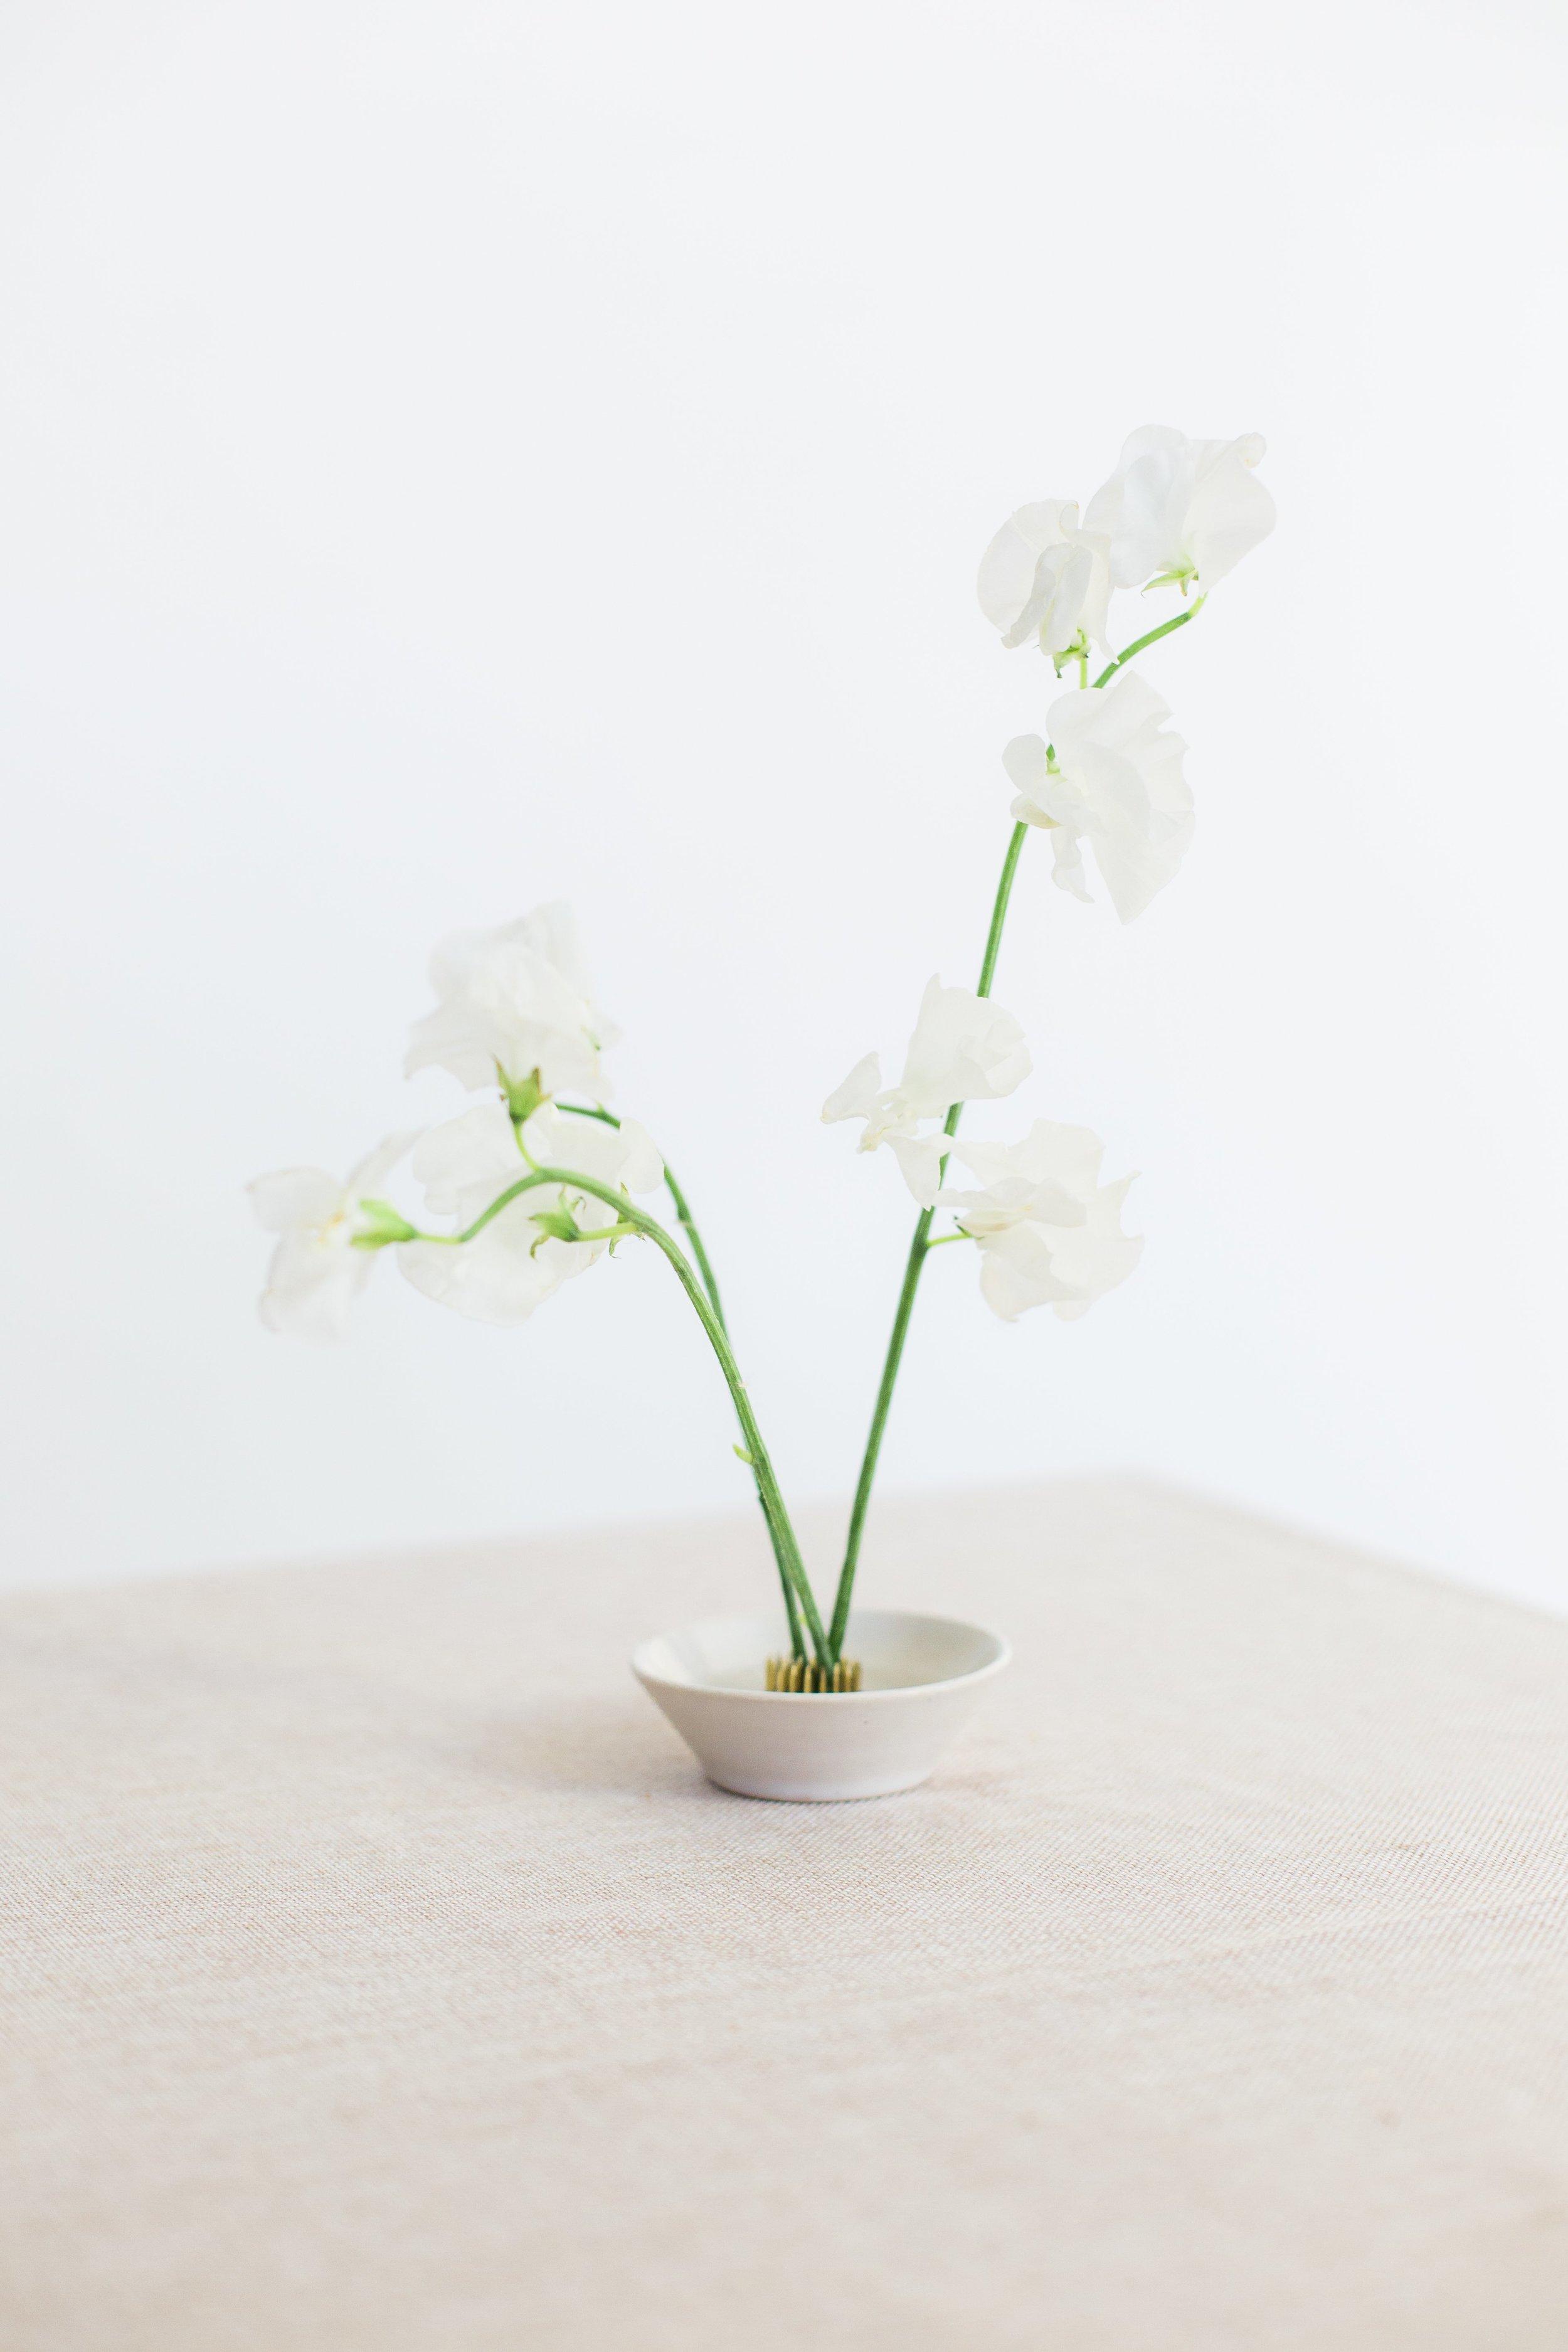 minimaliststinspriation-174.jpg